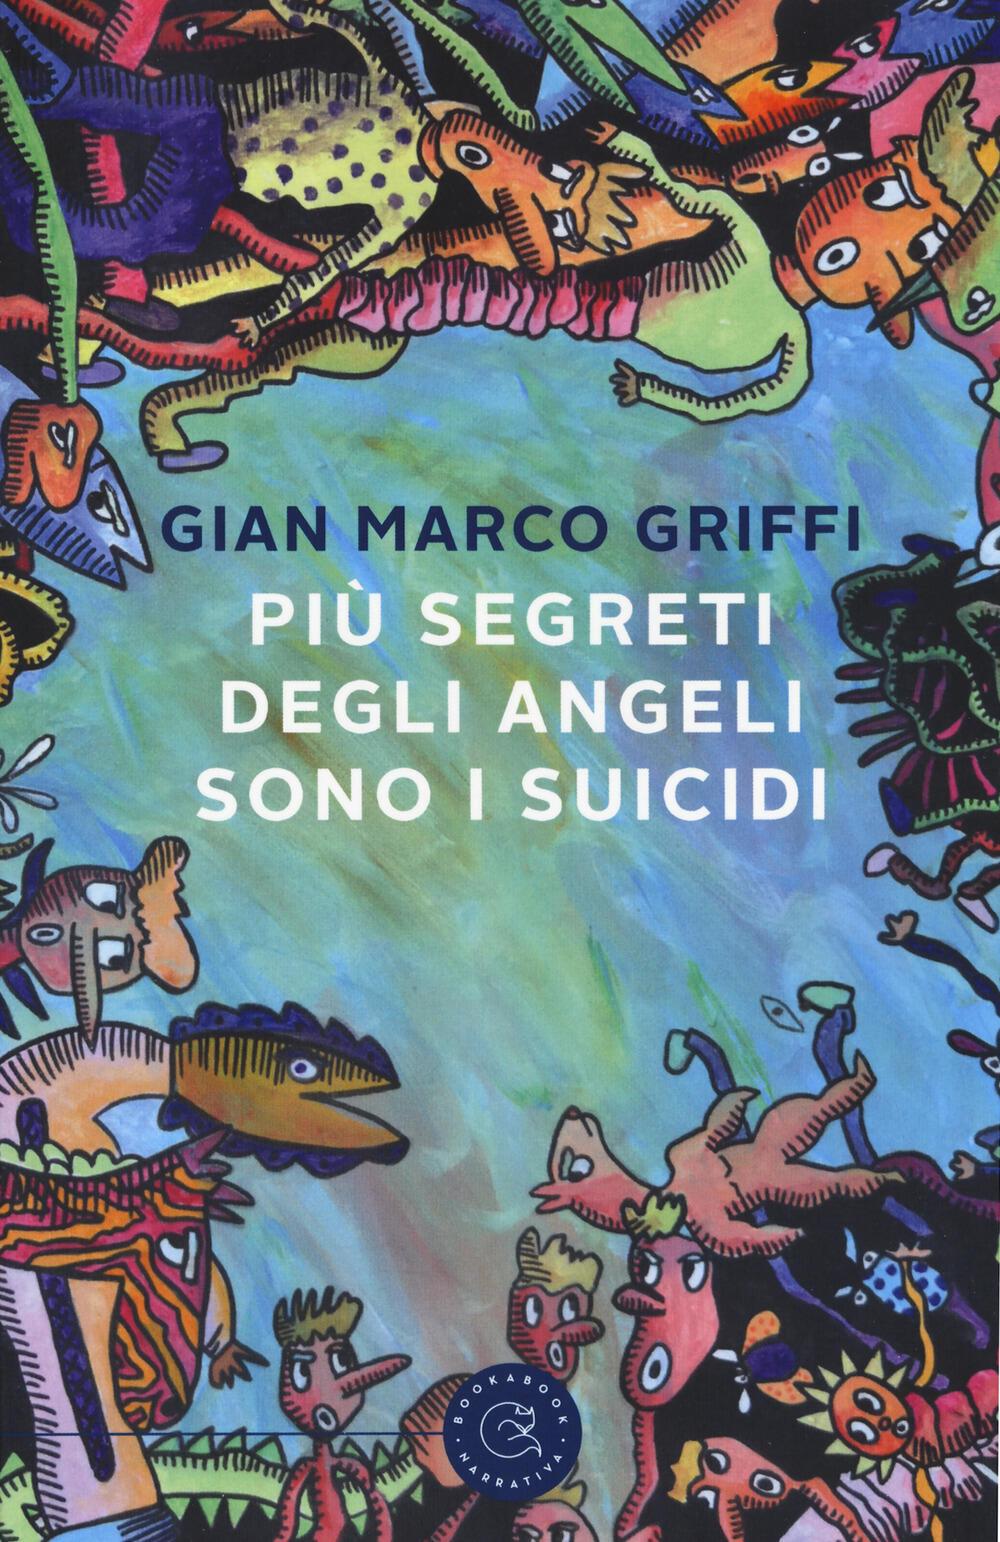 Più segreti degli angeli sono i suicidi - G. Marco Griffi - Libro ...